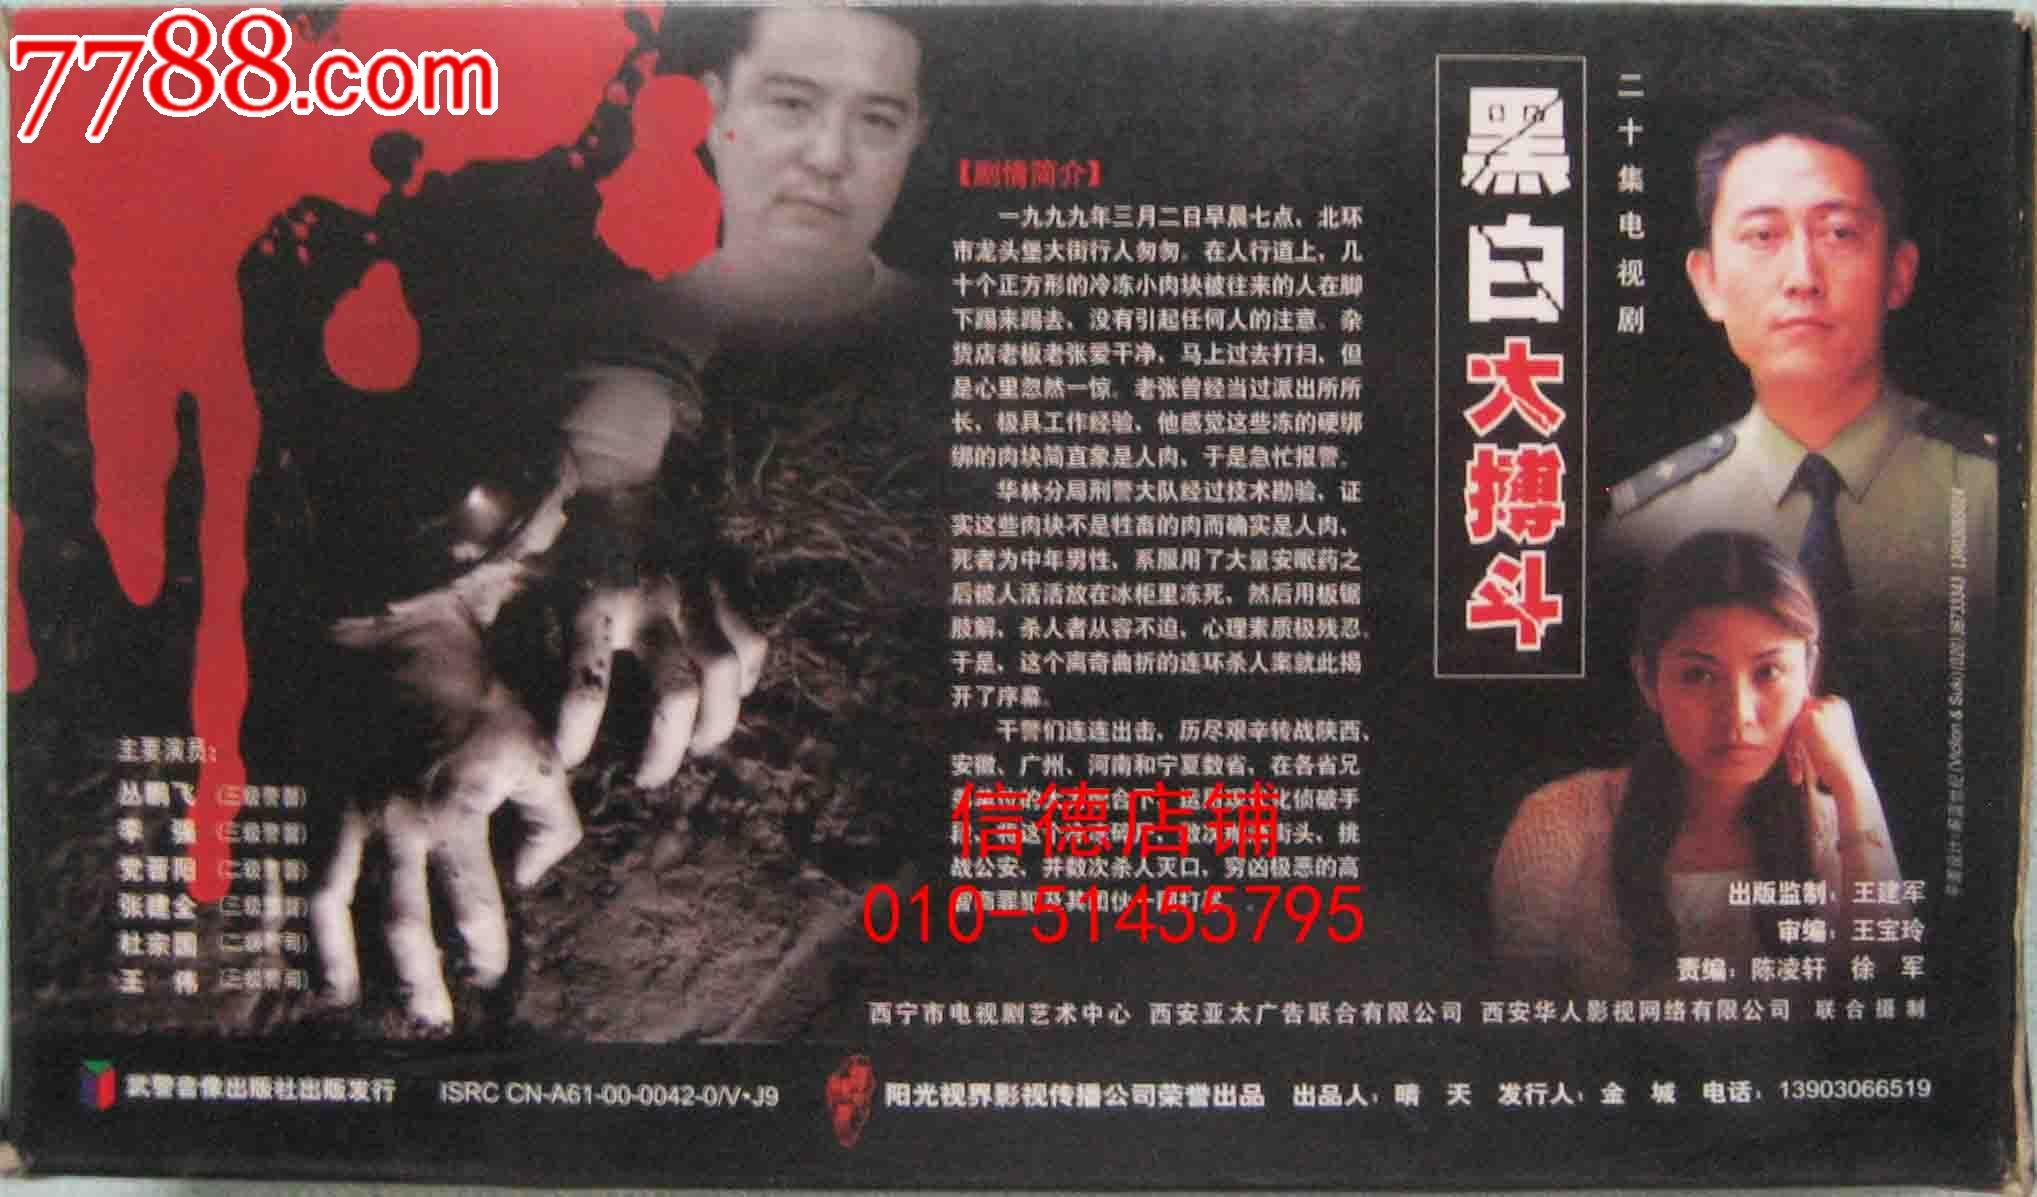 正版精装20碟vcd电视连续剧:《黑白大搏斗》